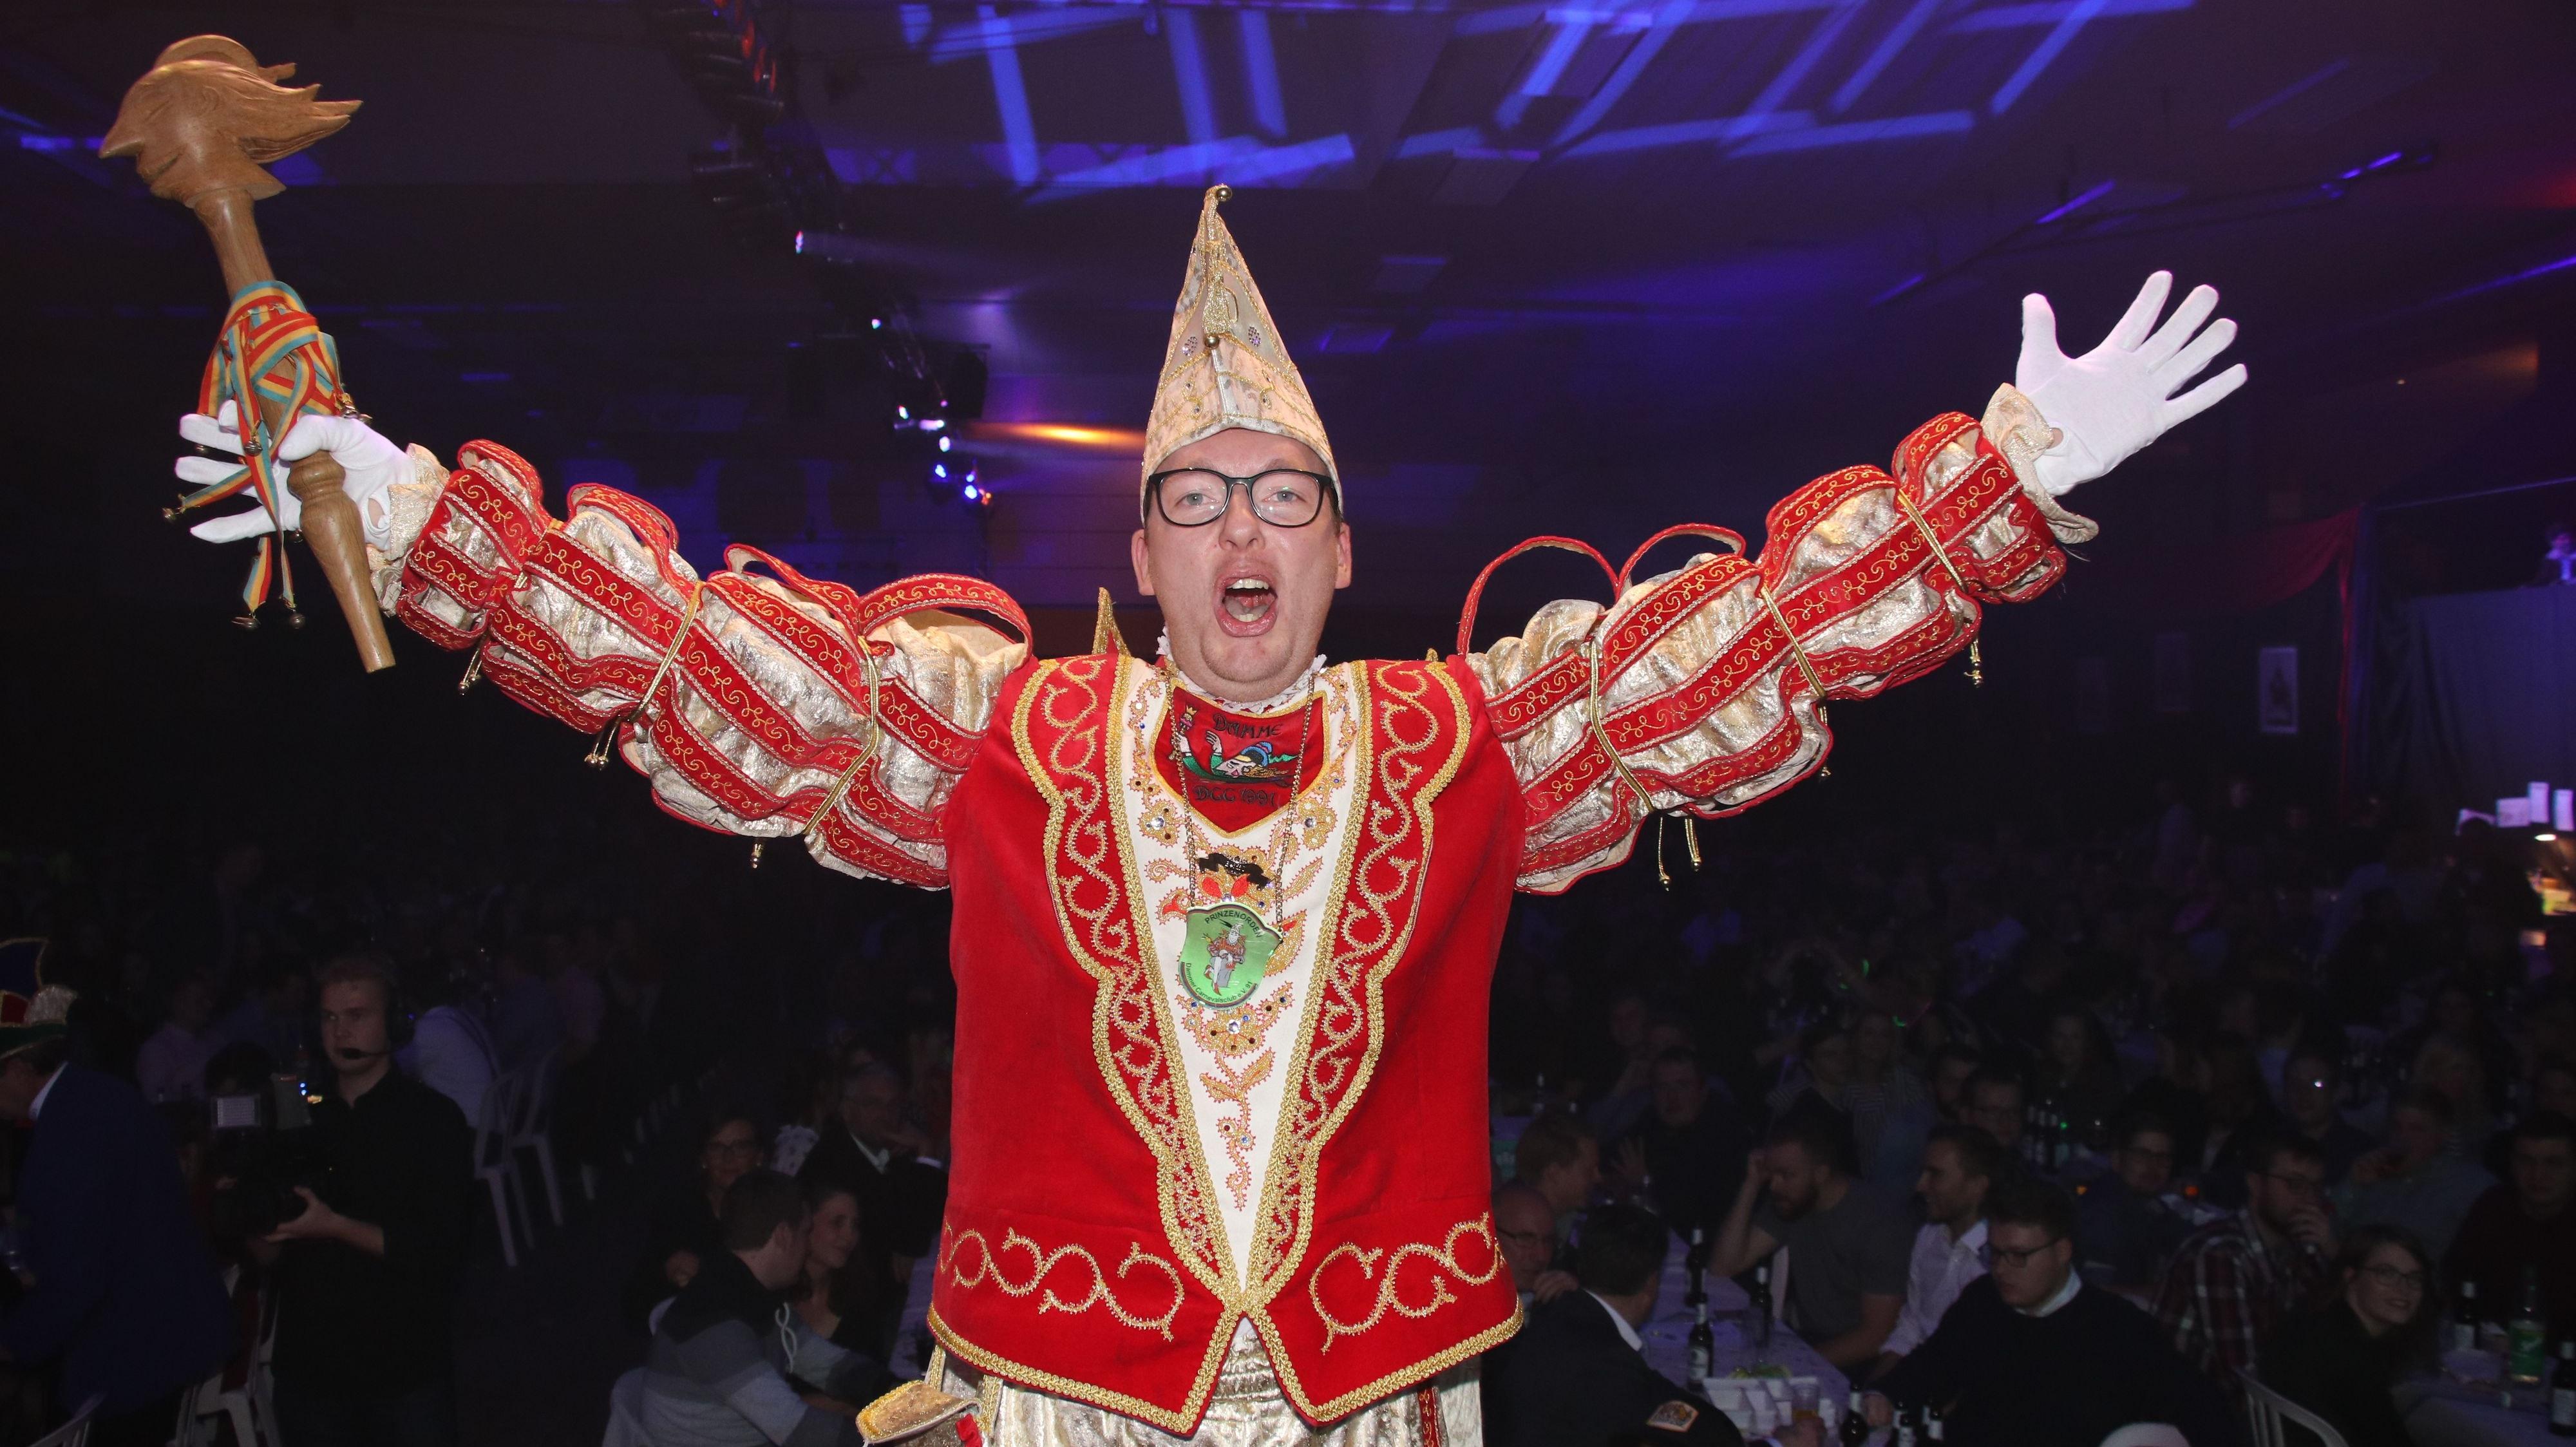 Närrische Lebensfreude pur: Seit 1991 kürt der Dammer Carnevalsclub jedes Jahr einen Prinzen. Der letzte war 2019 Markus bei der Hake. Letztes Jahr gab es erstmals keinen Prinzen, weil die Galasitzung wegen Corona ausfiel. Foto: Lammert